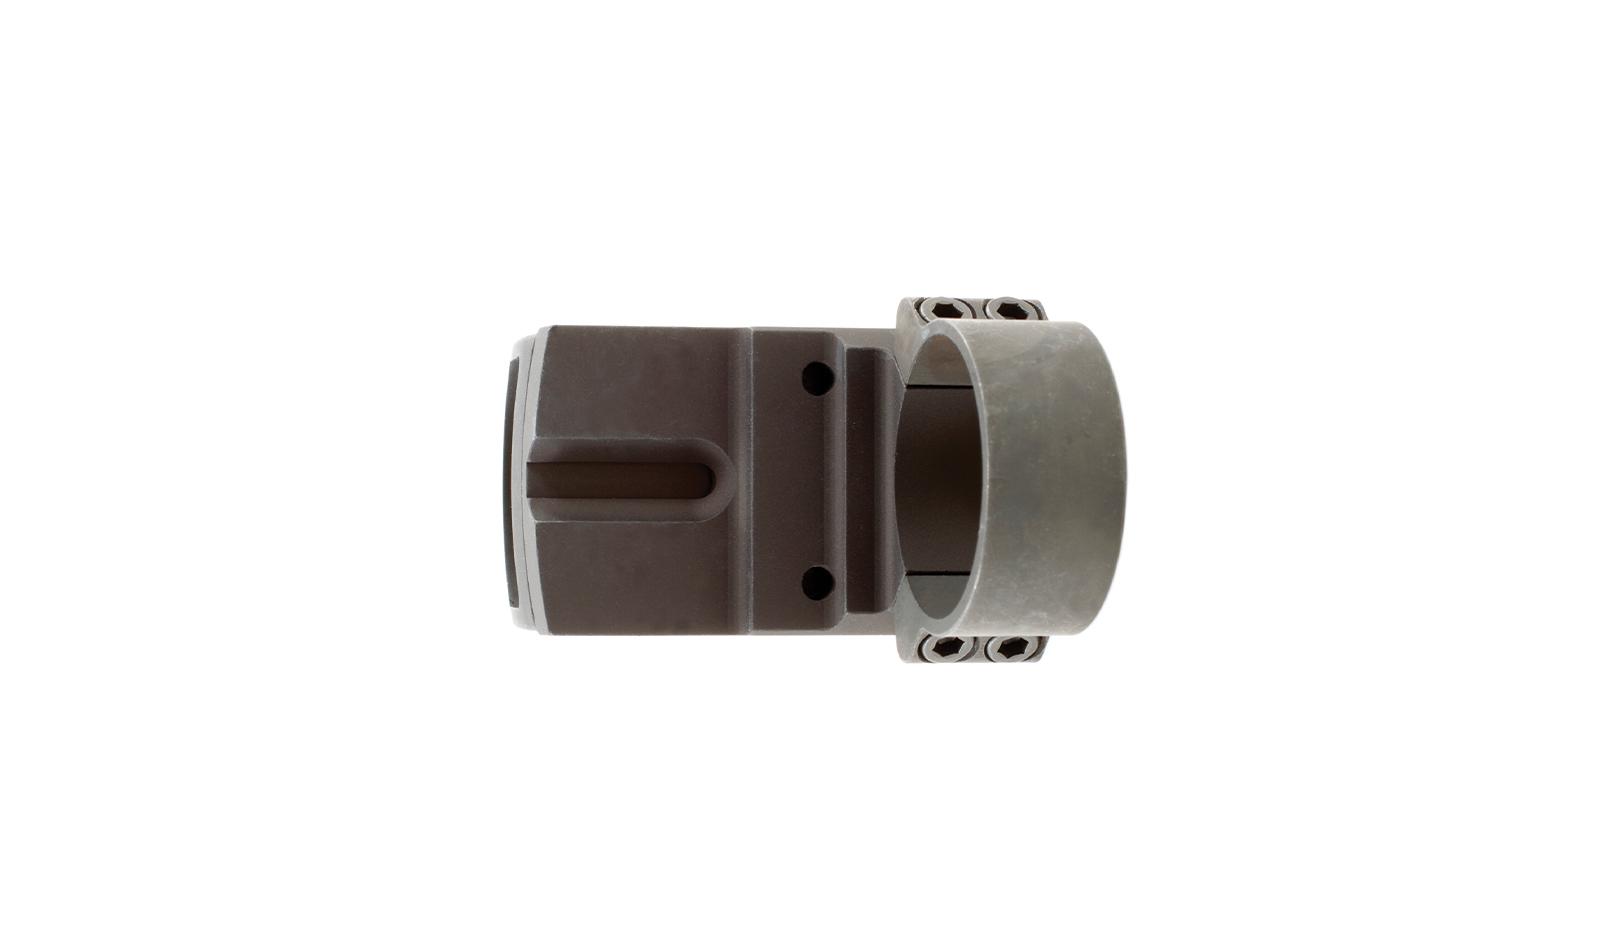 RM01-C-700605 angle 5